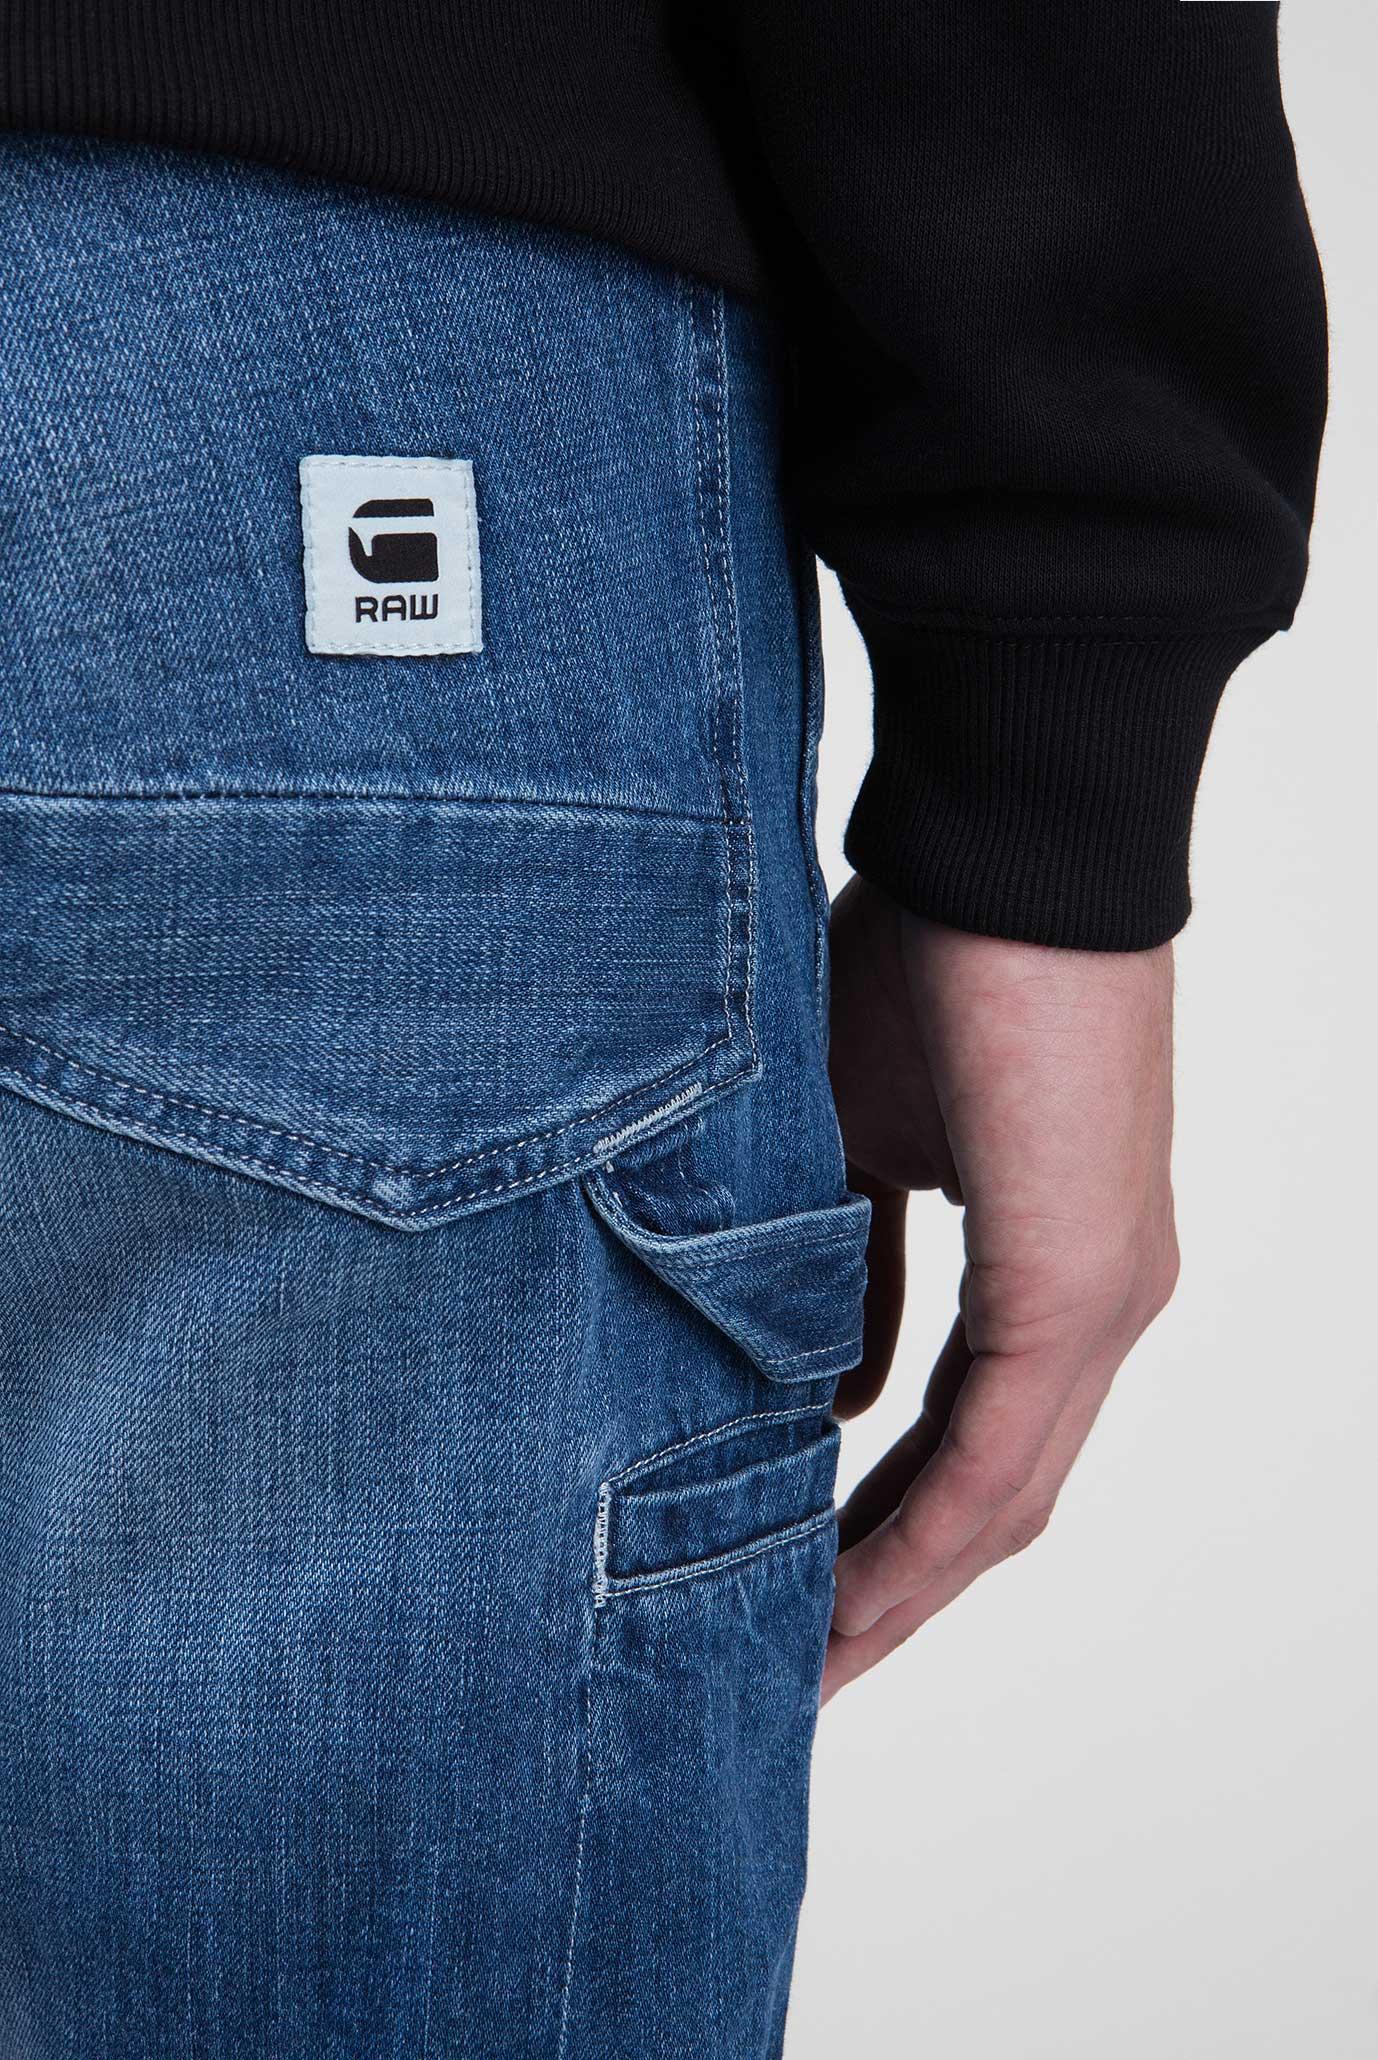 Купить Мужские синие джинсы Faeroes Classic Straight Tapered  G-Star RAW G-Star RAW D11399,8595 – Киев, Украина. Цены в интернет магазине MD Fashion